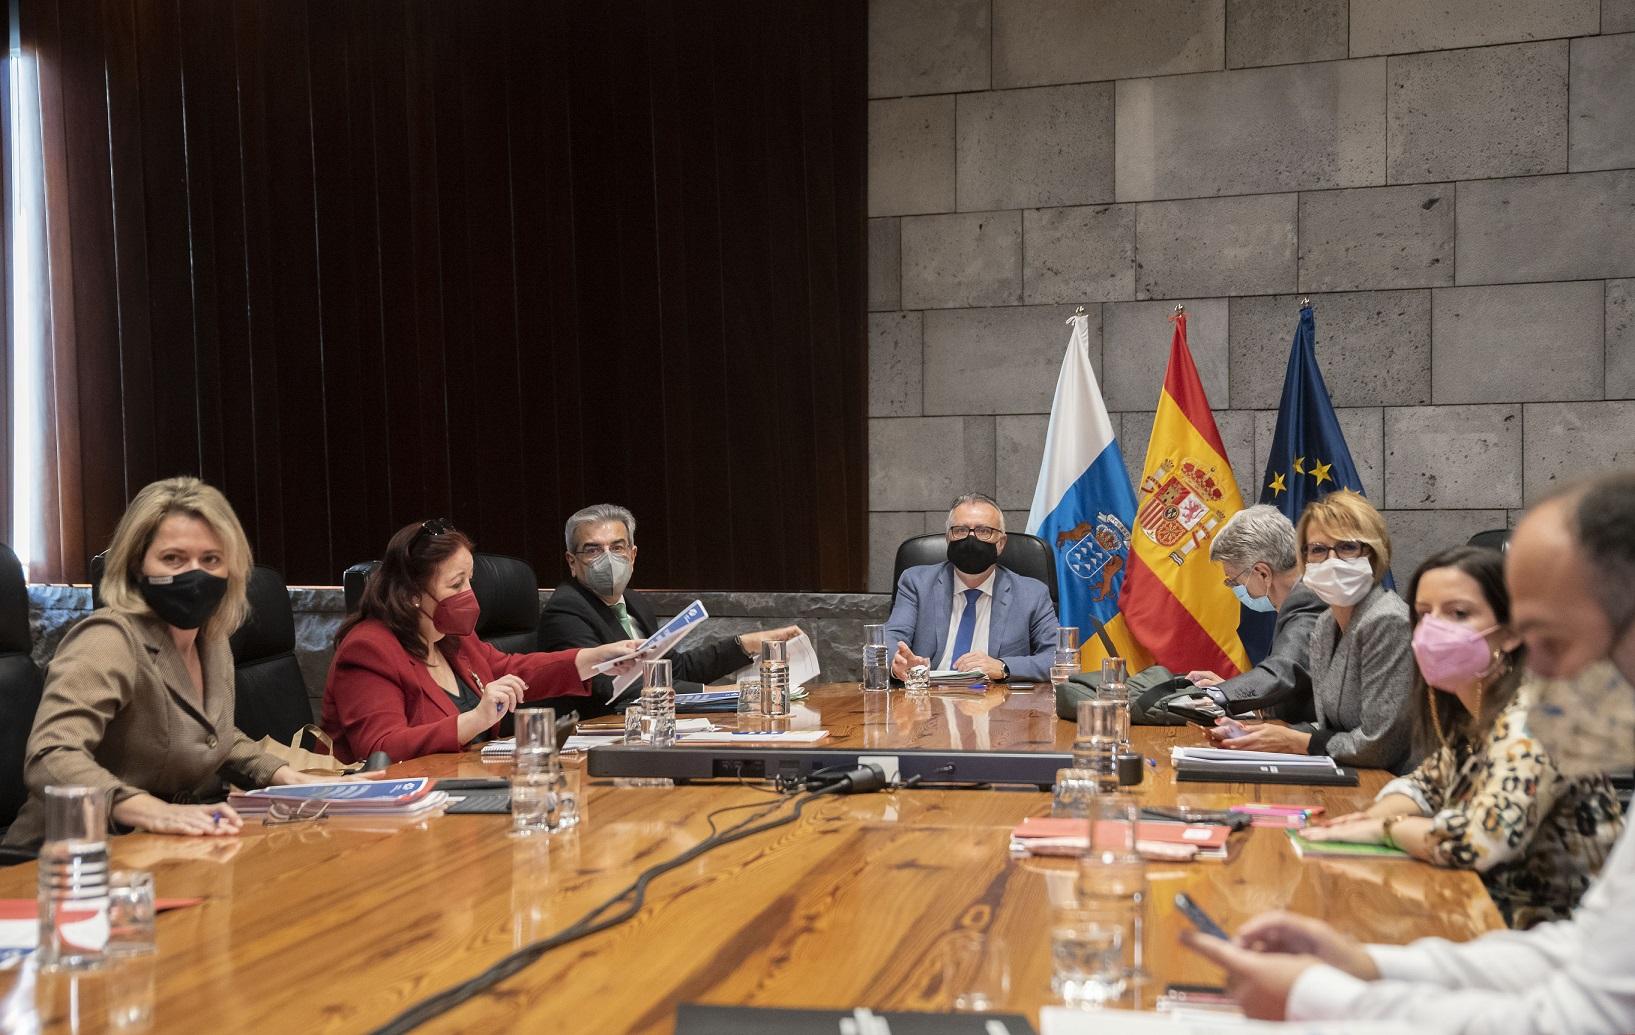 Economía informa al Consejo de las ayudas cercanas a 30 millones del Programa Extraordinario de Empleo